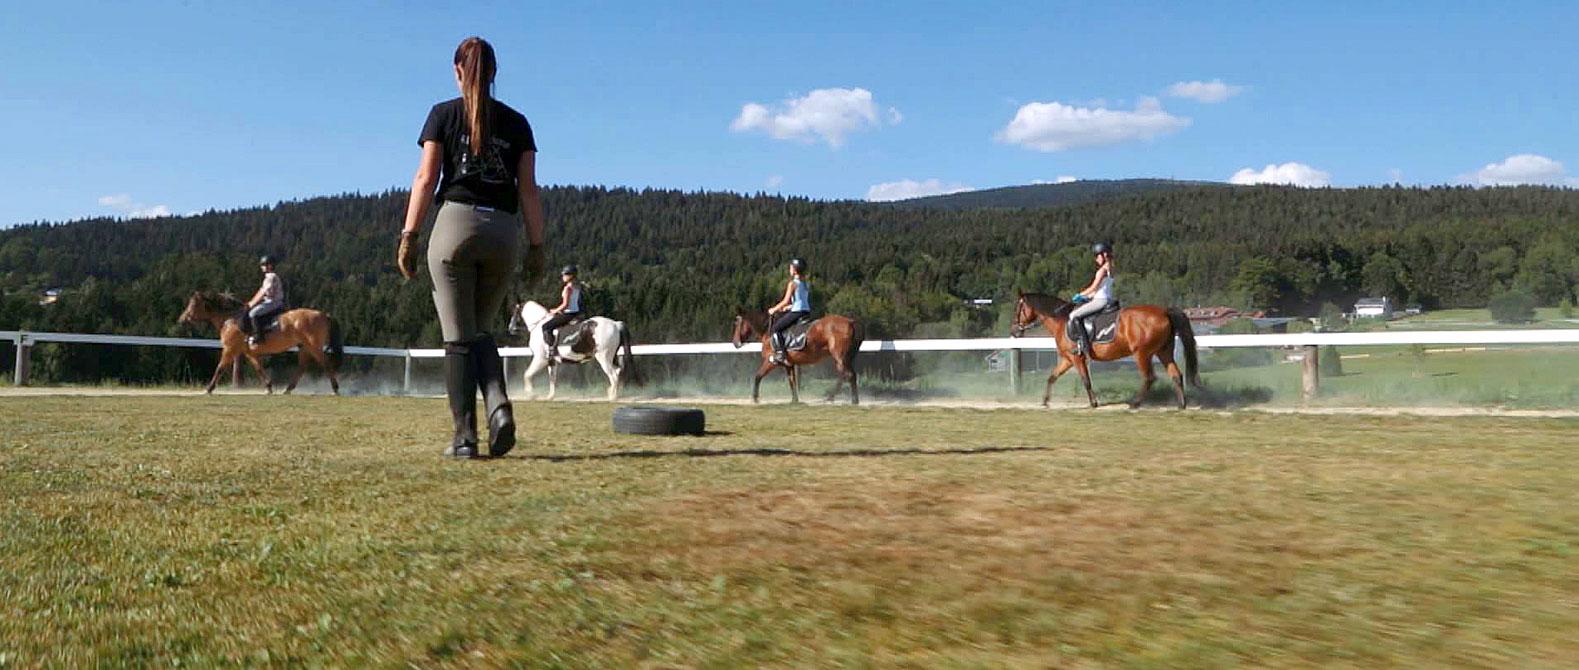 Reiturlaub im Dreiländereck Bayerischer Wald